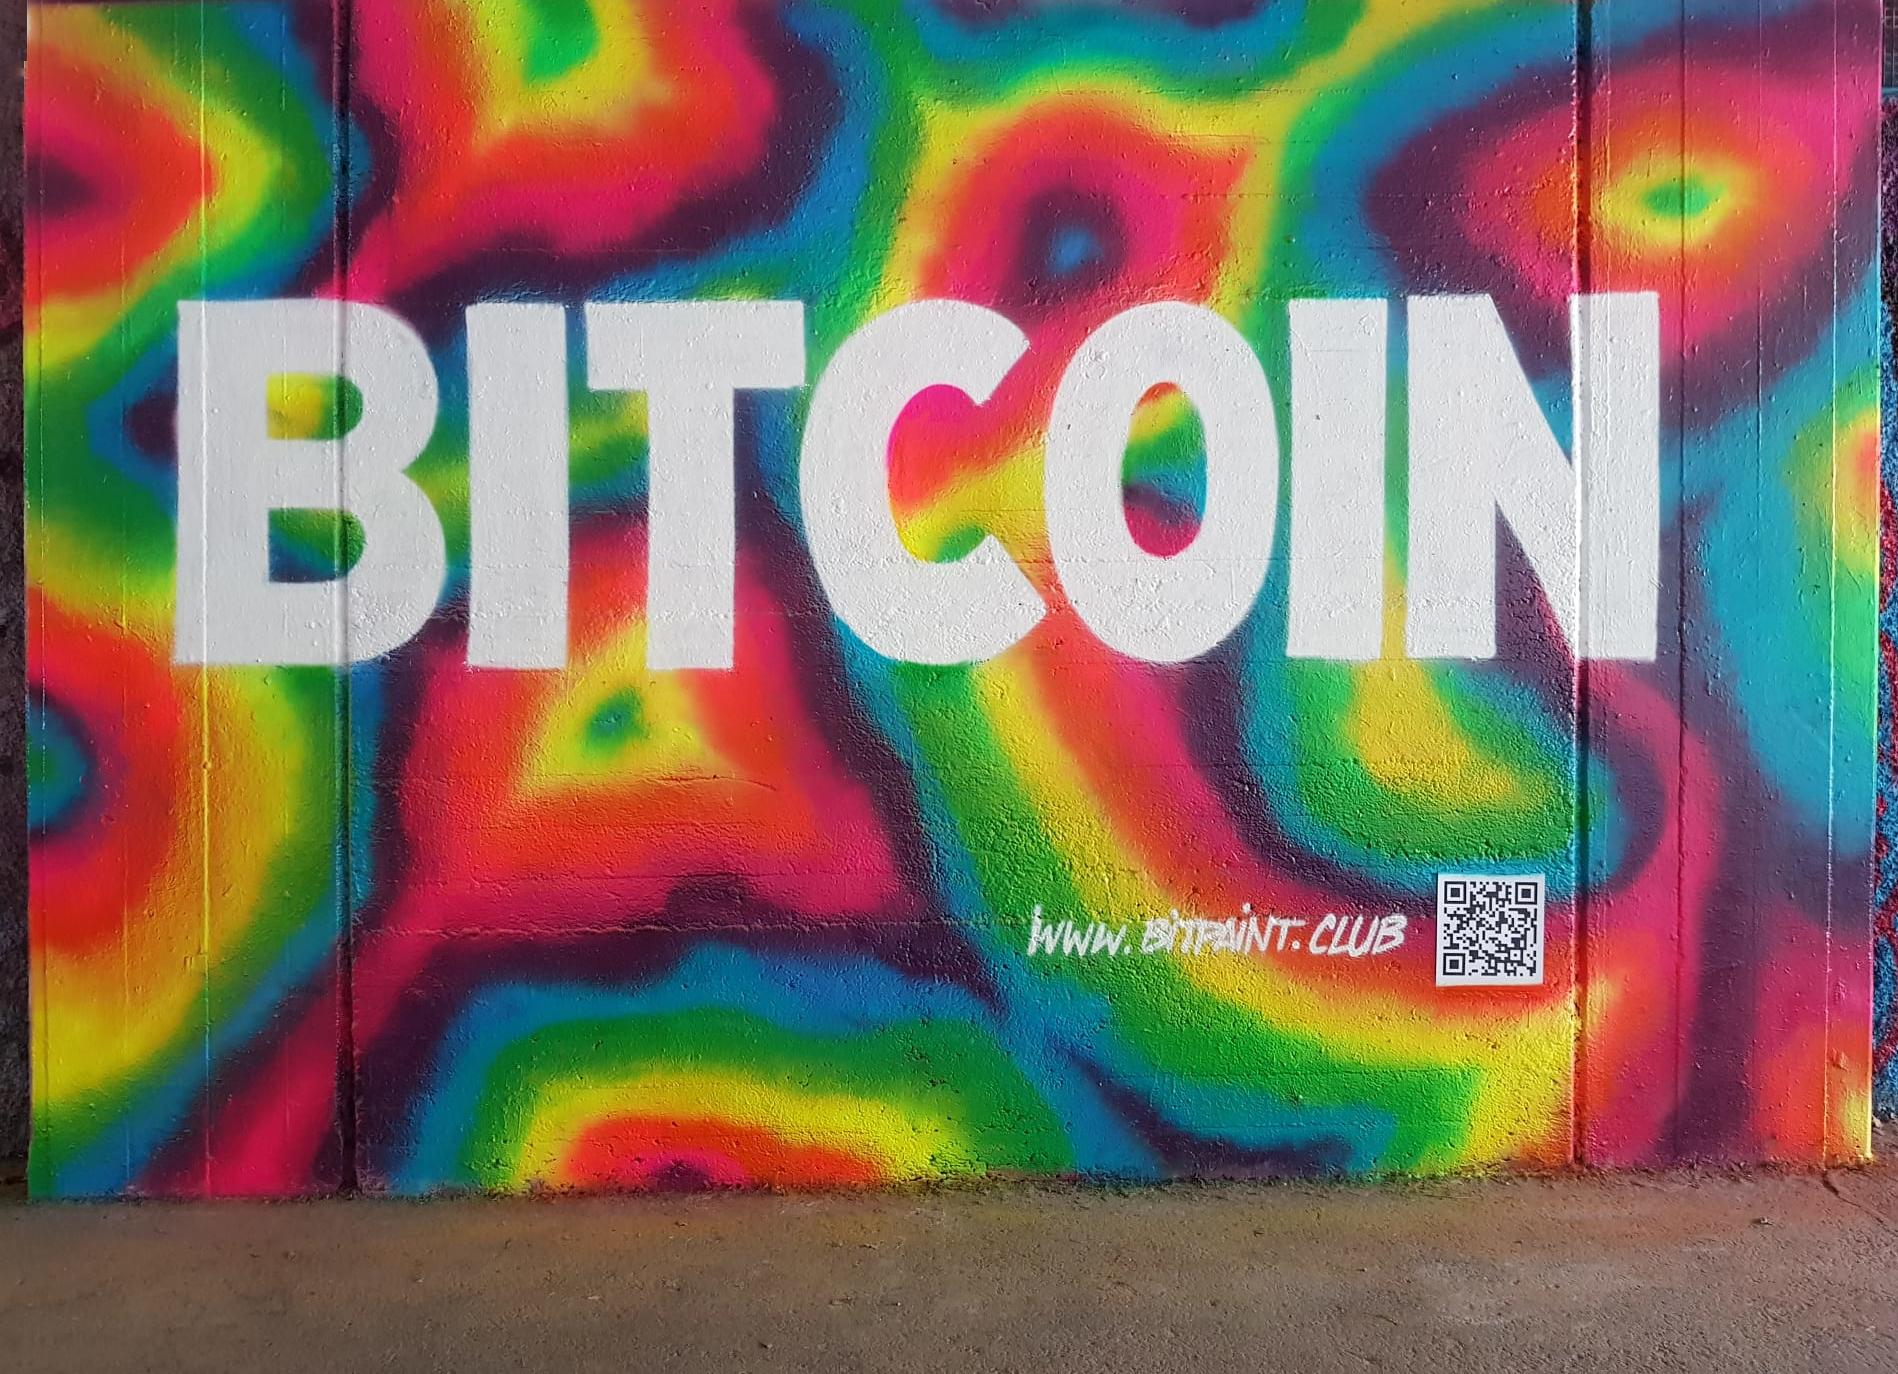 Bitcoin graffiti - By Bitpaint